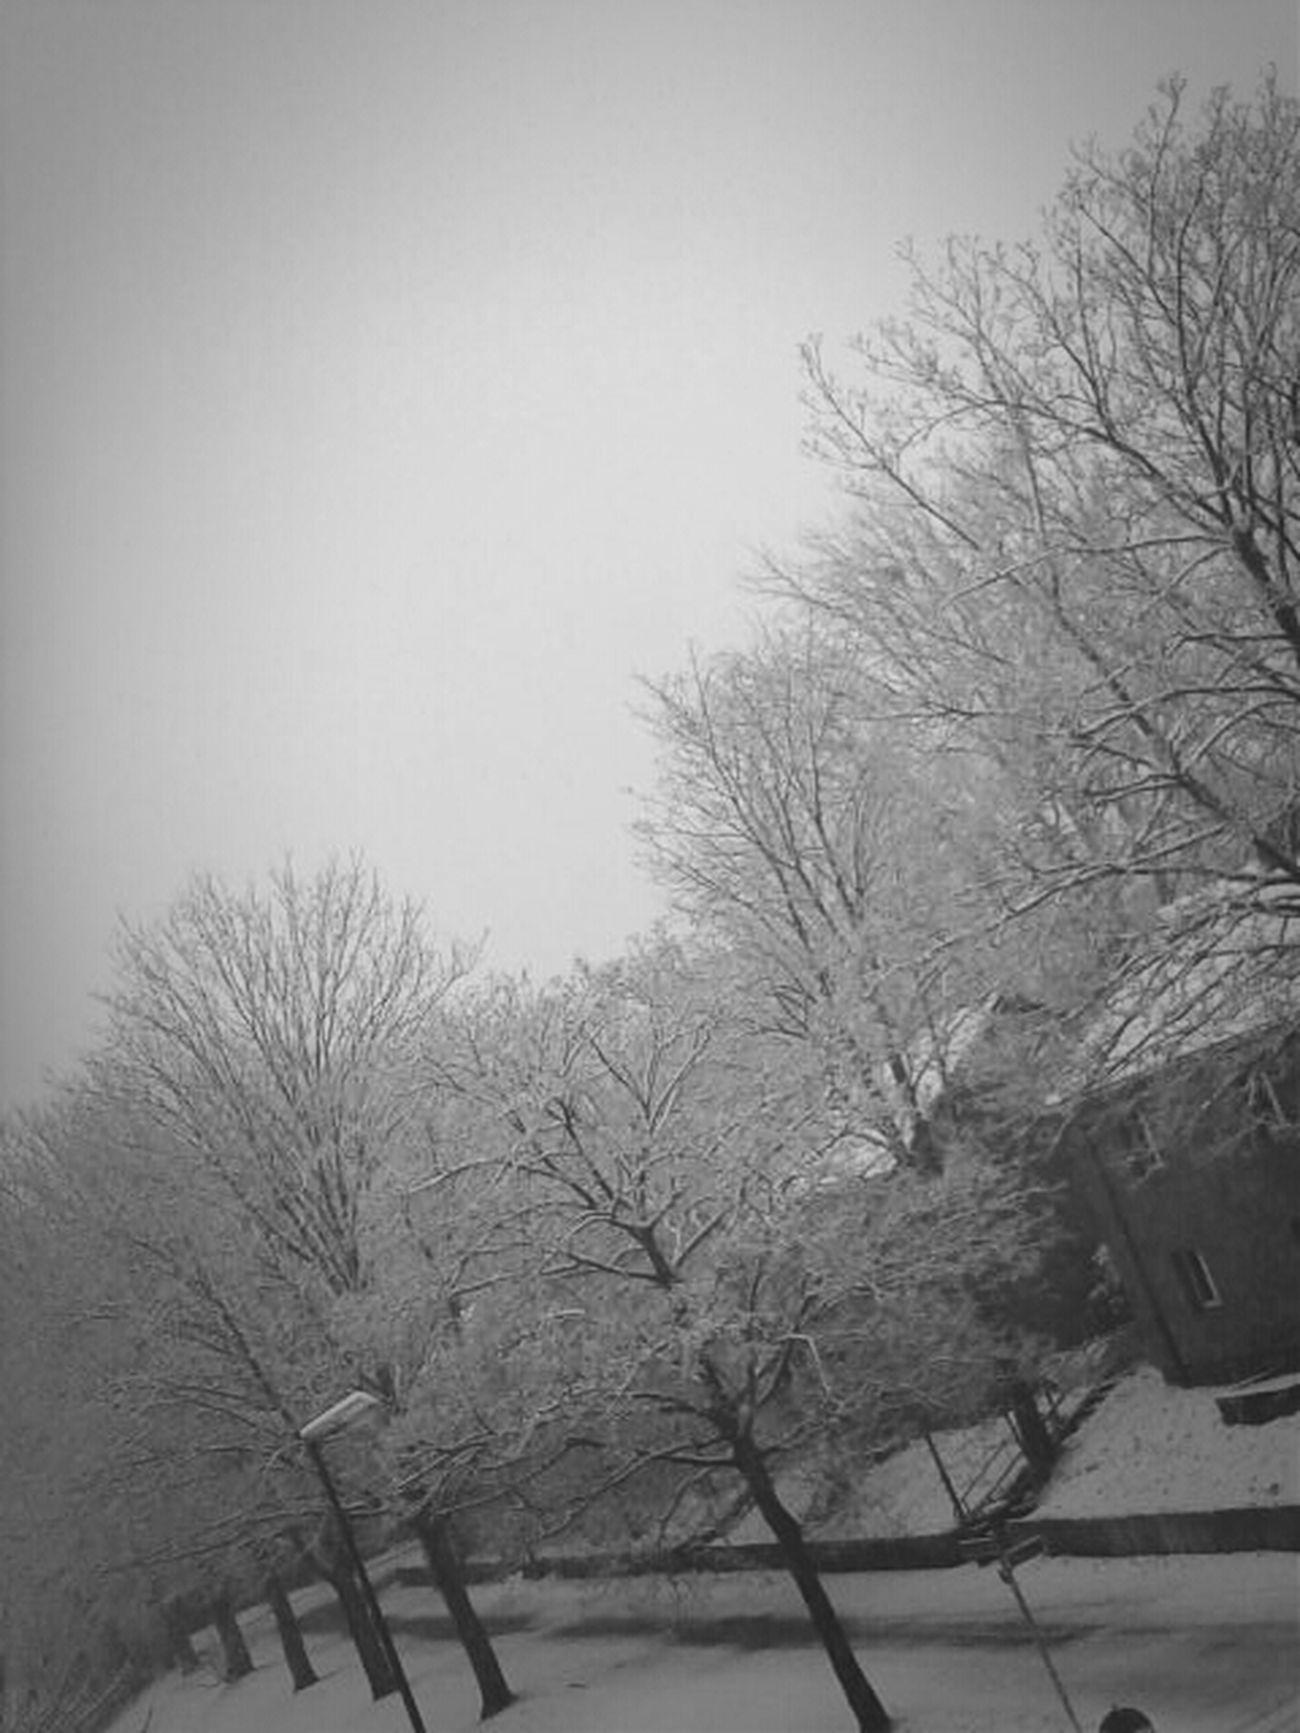 Zum Glueck Kein Schnee Mehr :-))